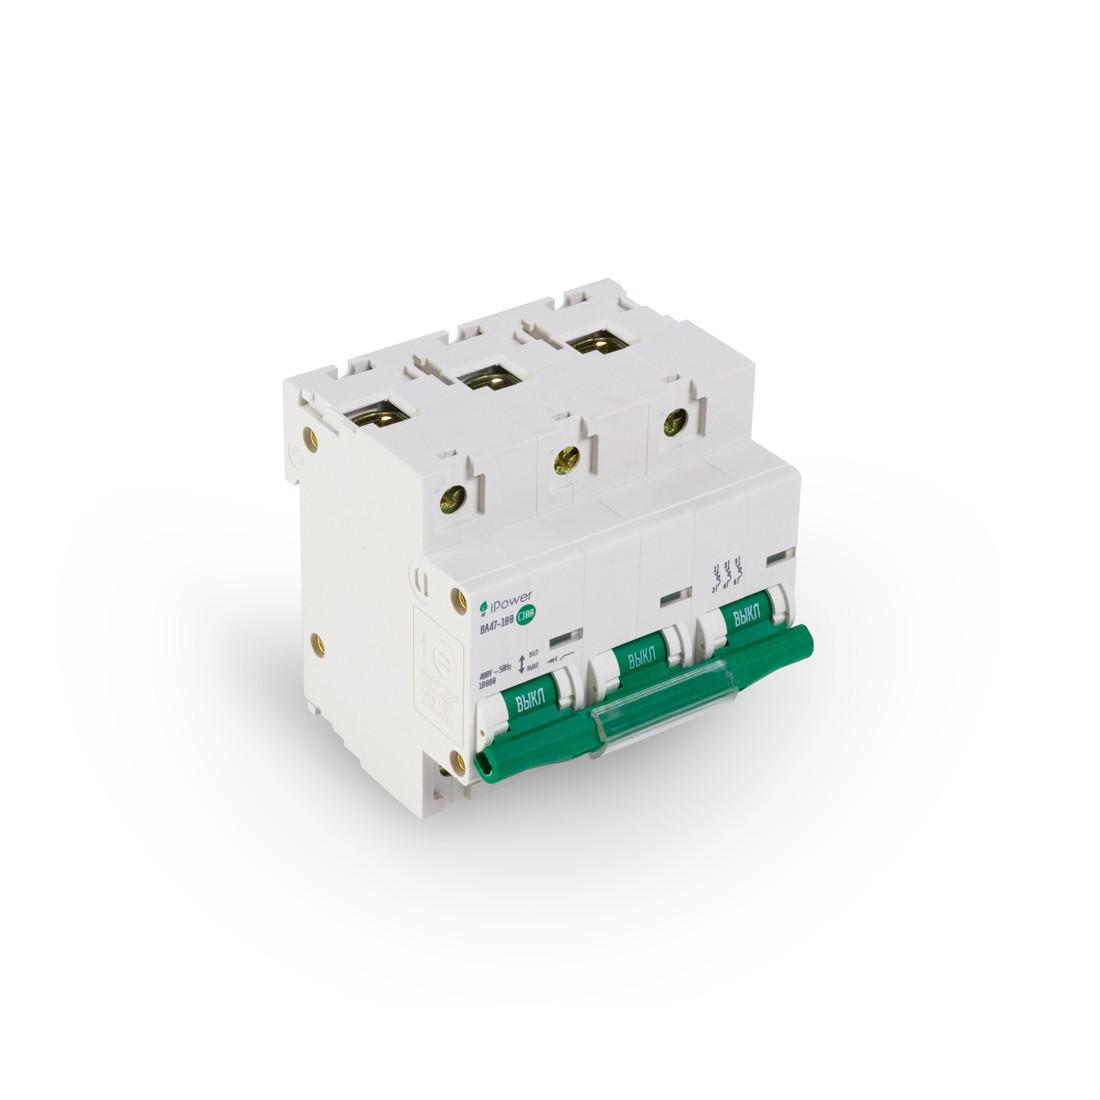 Автоматический выключатель реечный iPower ВА47-100 3P 80А, 230/400 В, Кол-во полюсов: 3, Предел отключения: 10